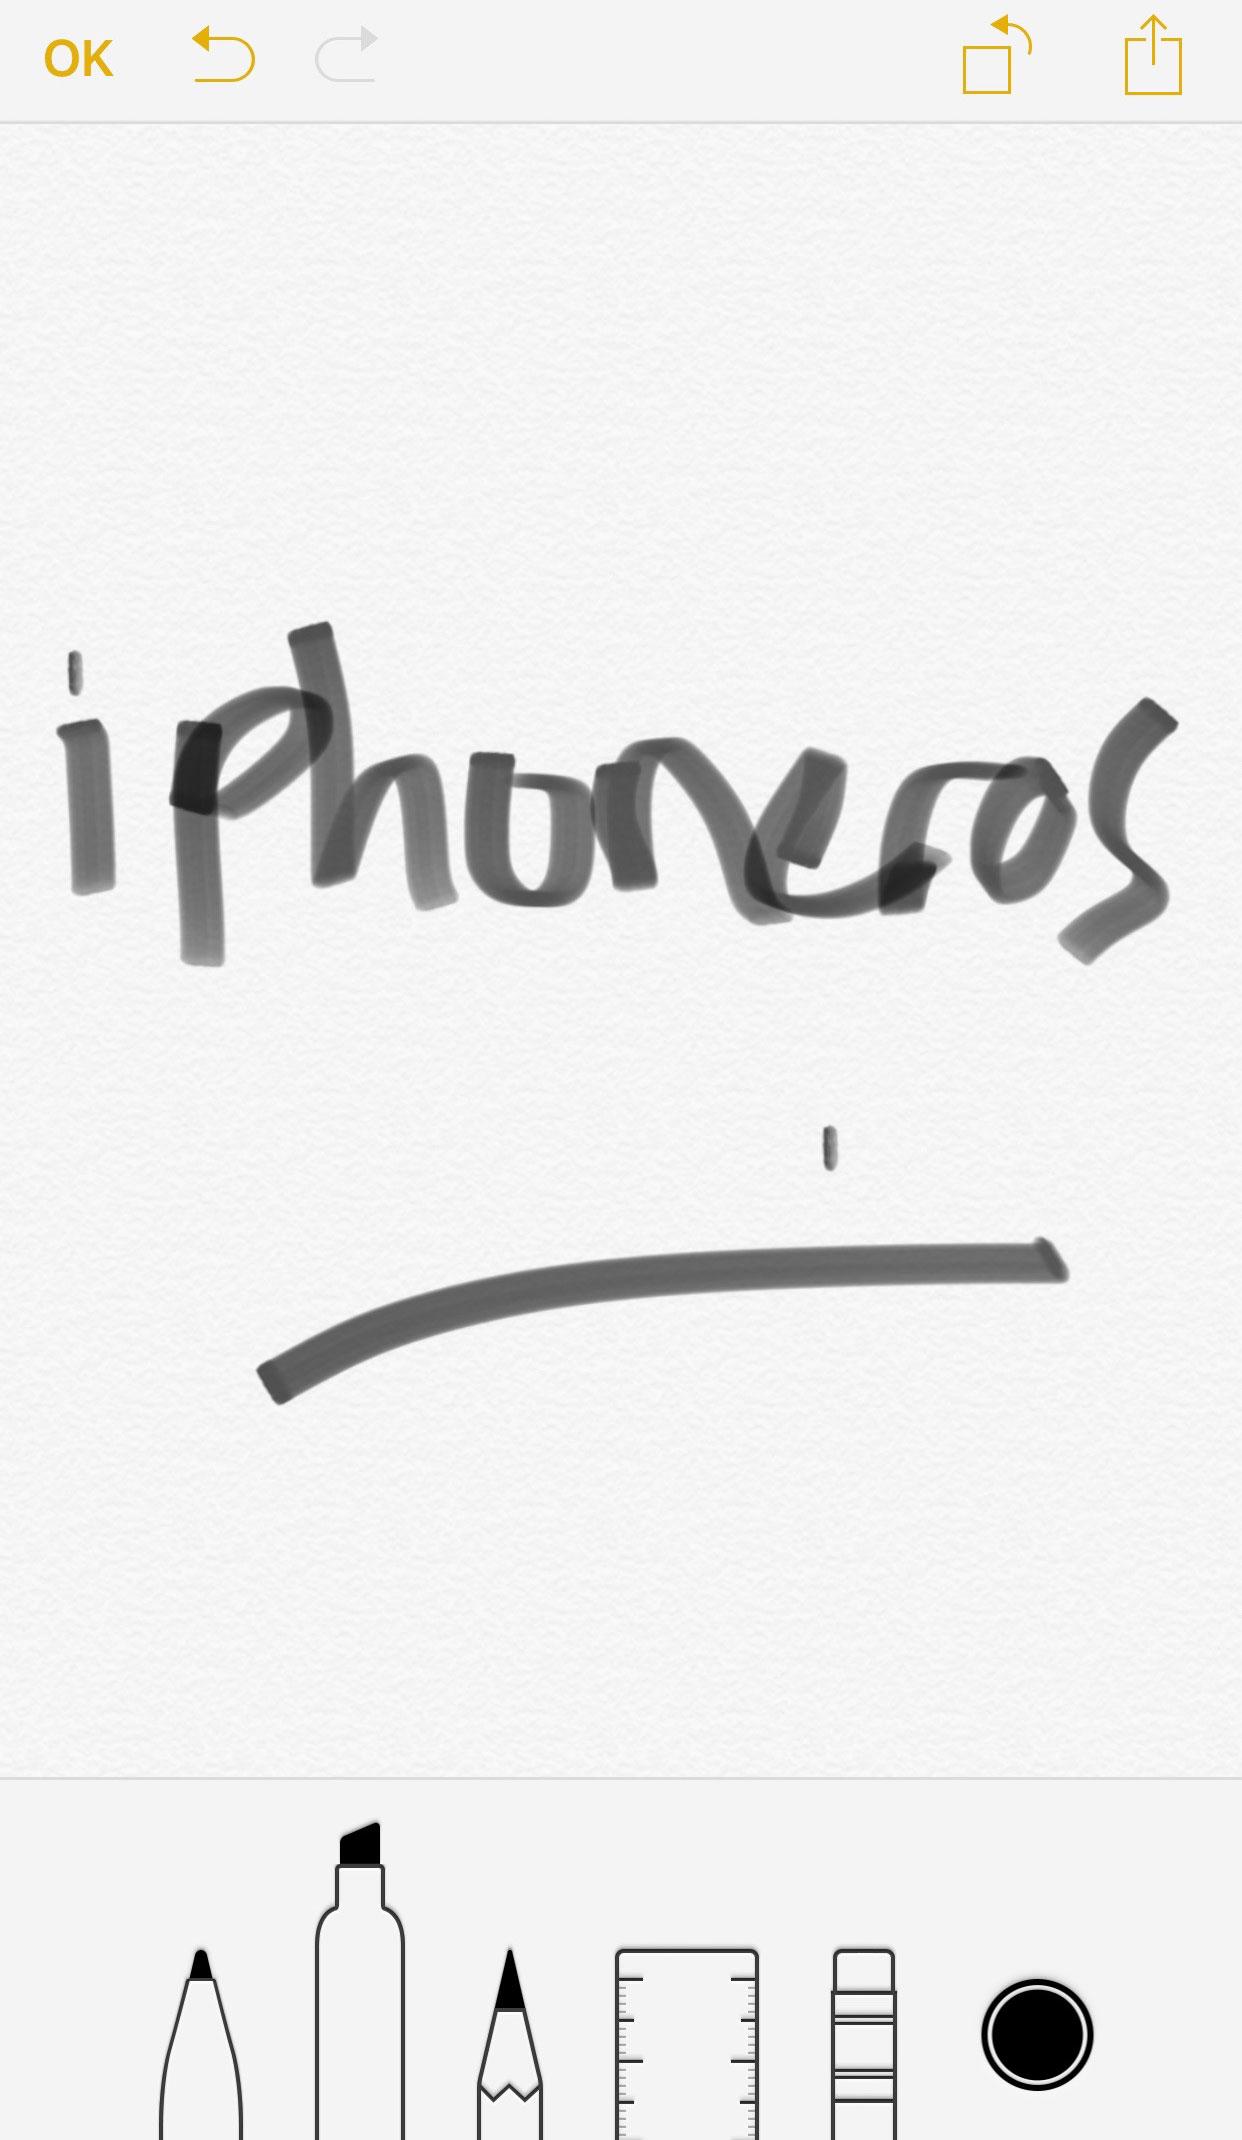 Misterio de la App de Notas solucionado